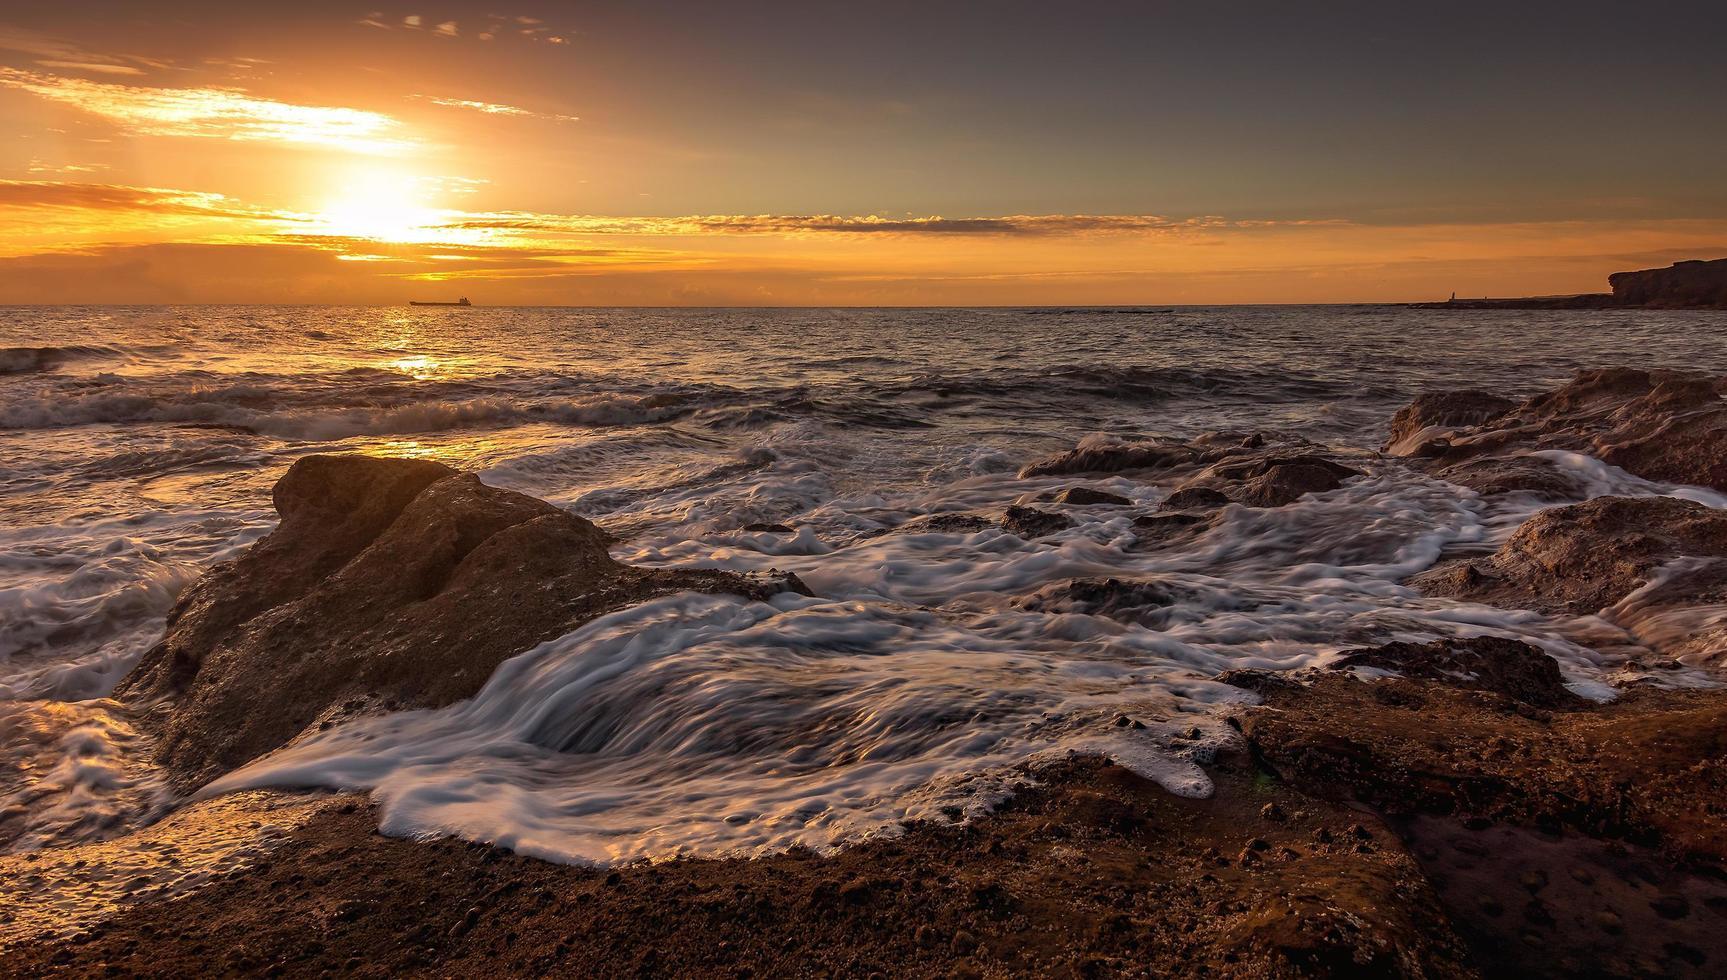 vågor kraschar på stranden under solnedgången foto